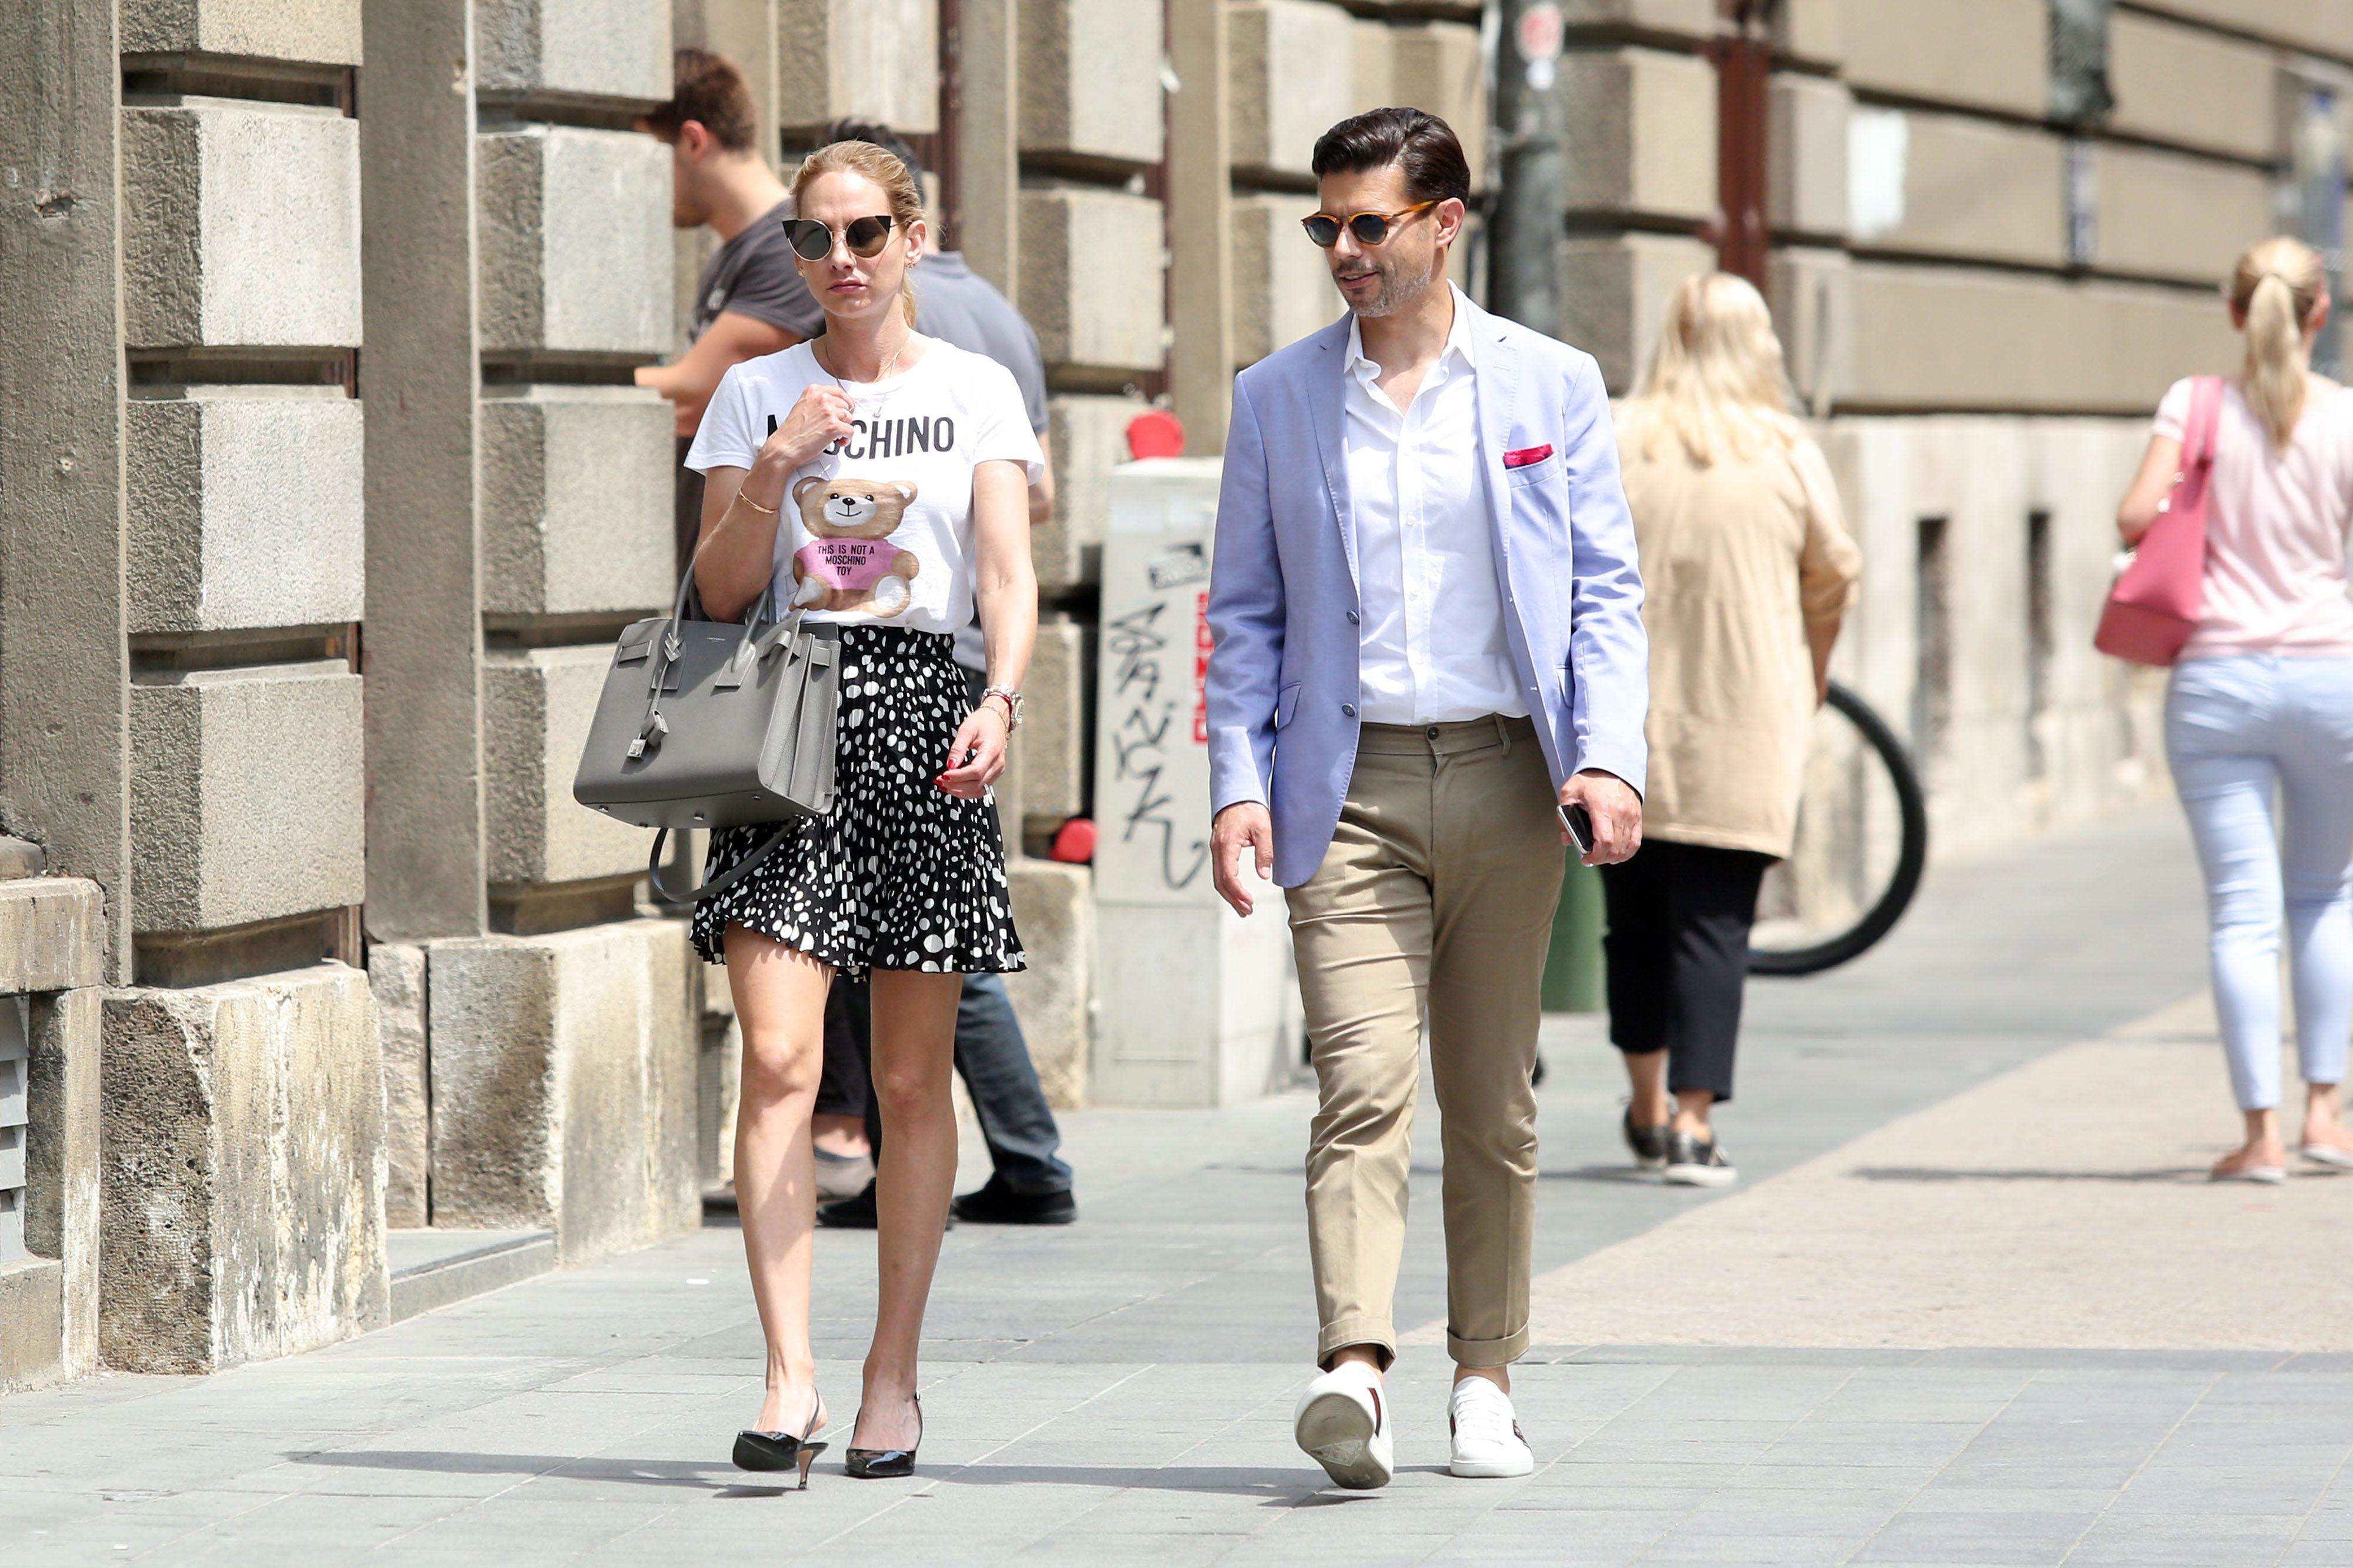 Za njezinom dizajnerskom torbom trendseterice luduju, frajer je odjeven savršeno!